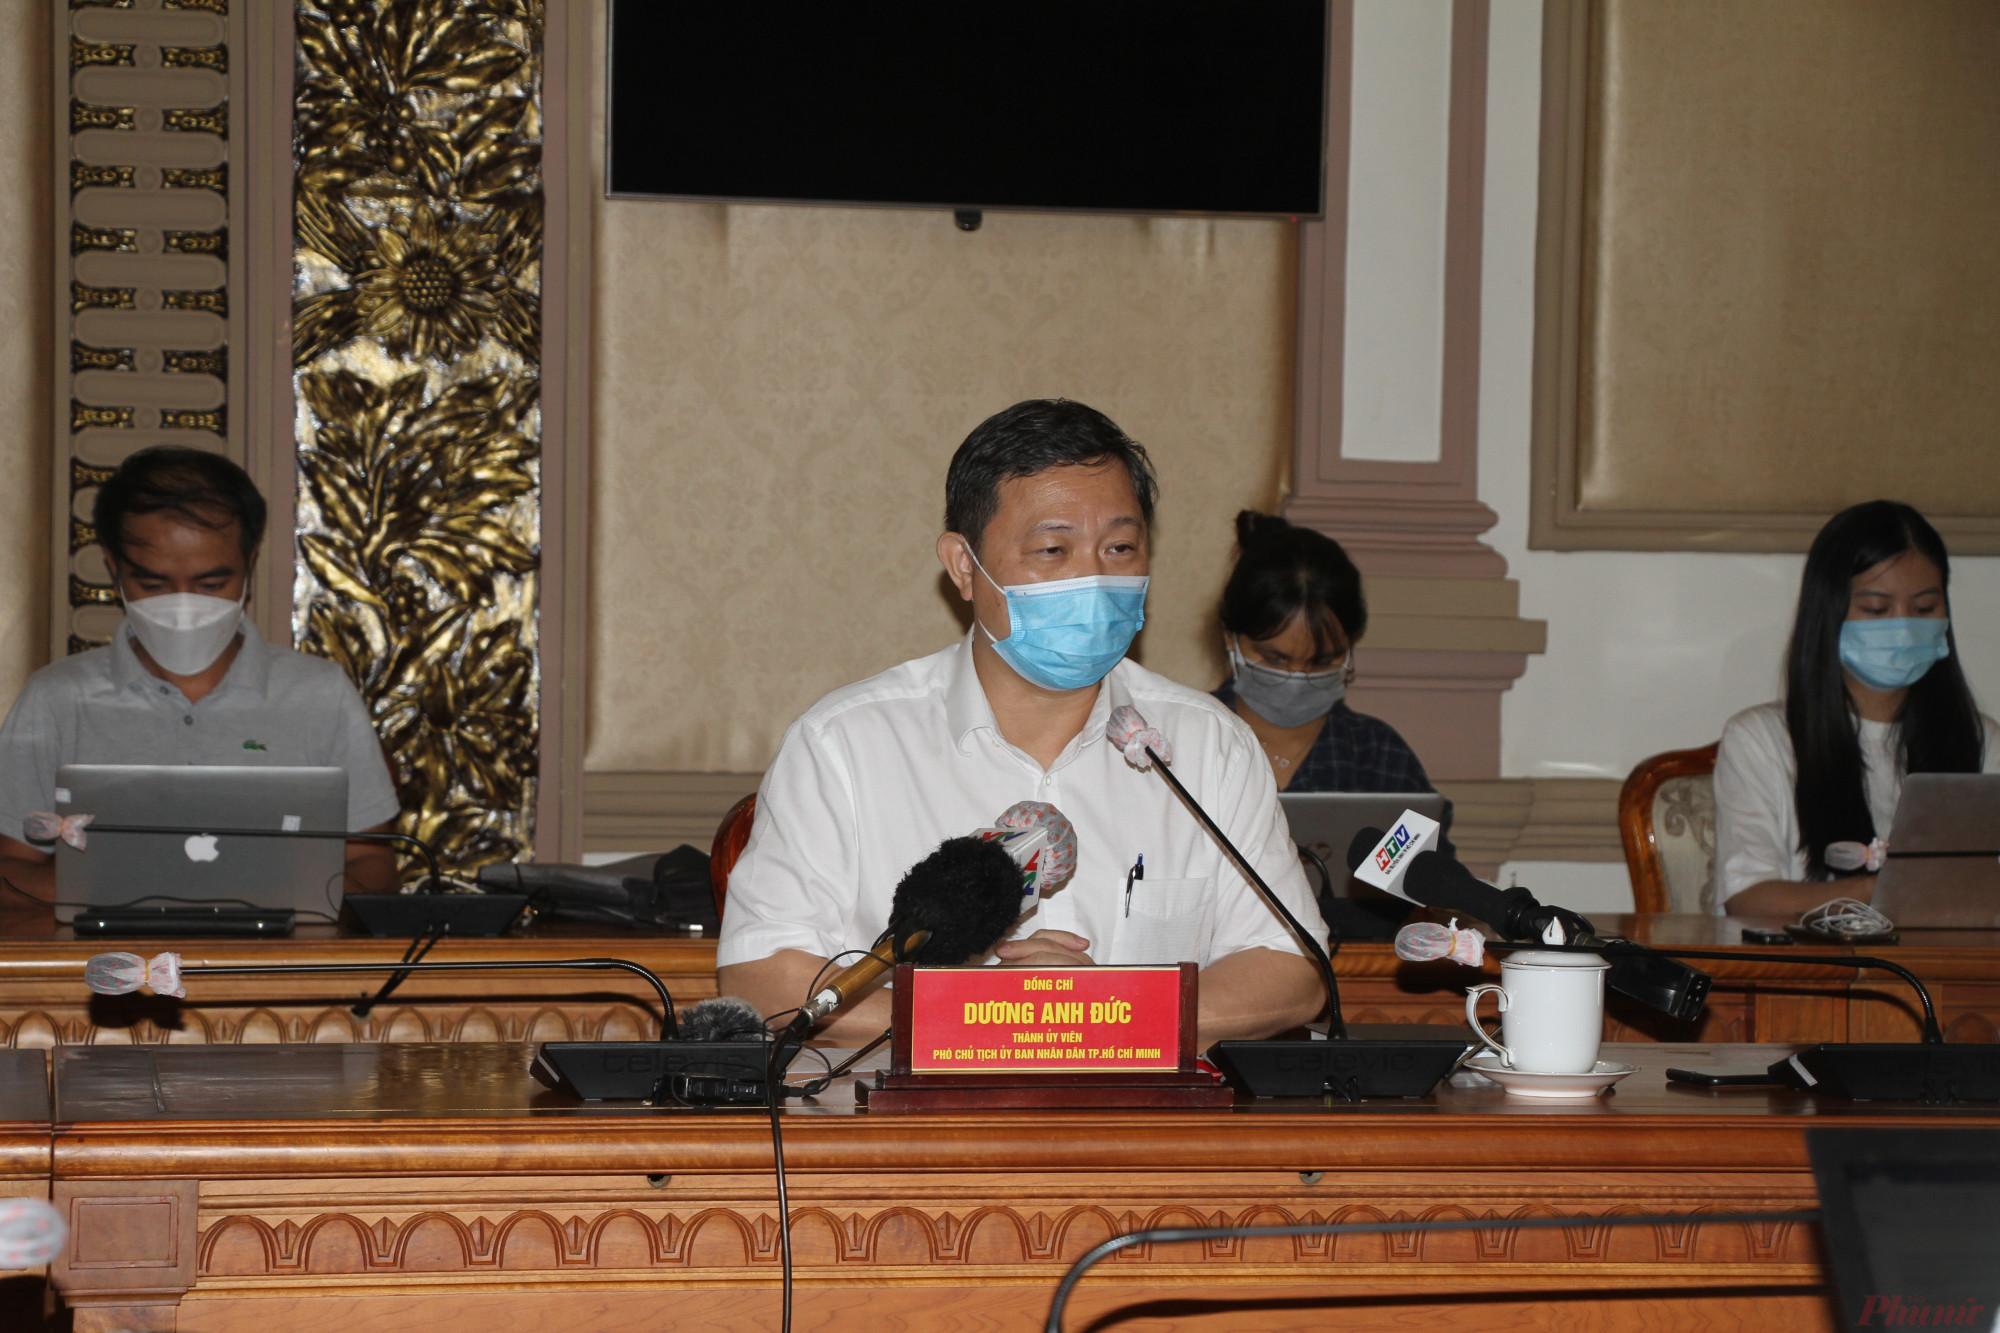 Phó Chủ tịch UBND TPHCM Dương Anh Đức chủ trì họp báo chiều ngày 26/7